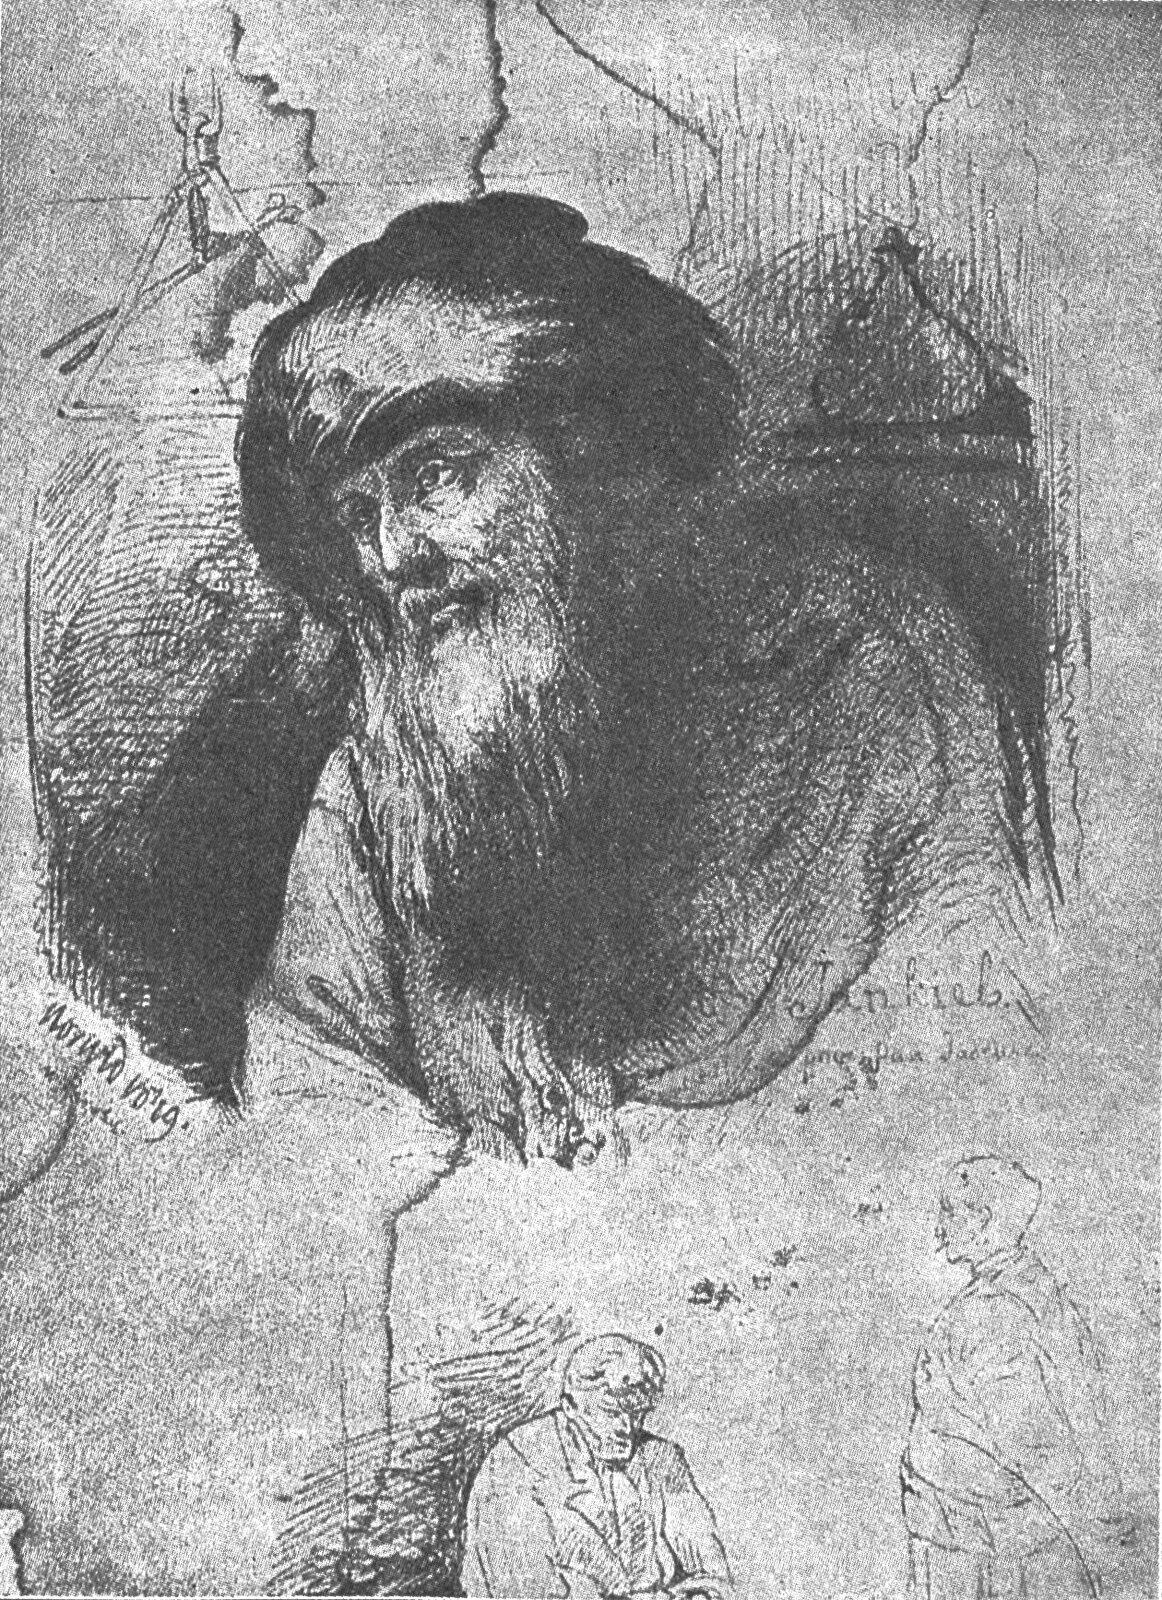 Jankiel Grafika zksiążki Dzieła Cypriana Norwida. Źródło: Cyprian Kamil Norwid, Jankiel, przed 1883, domena publiczna.